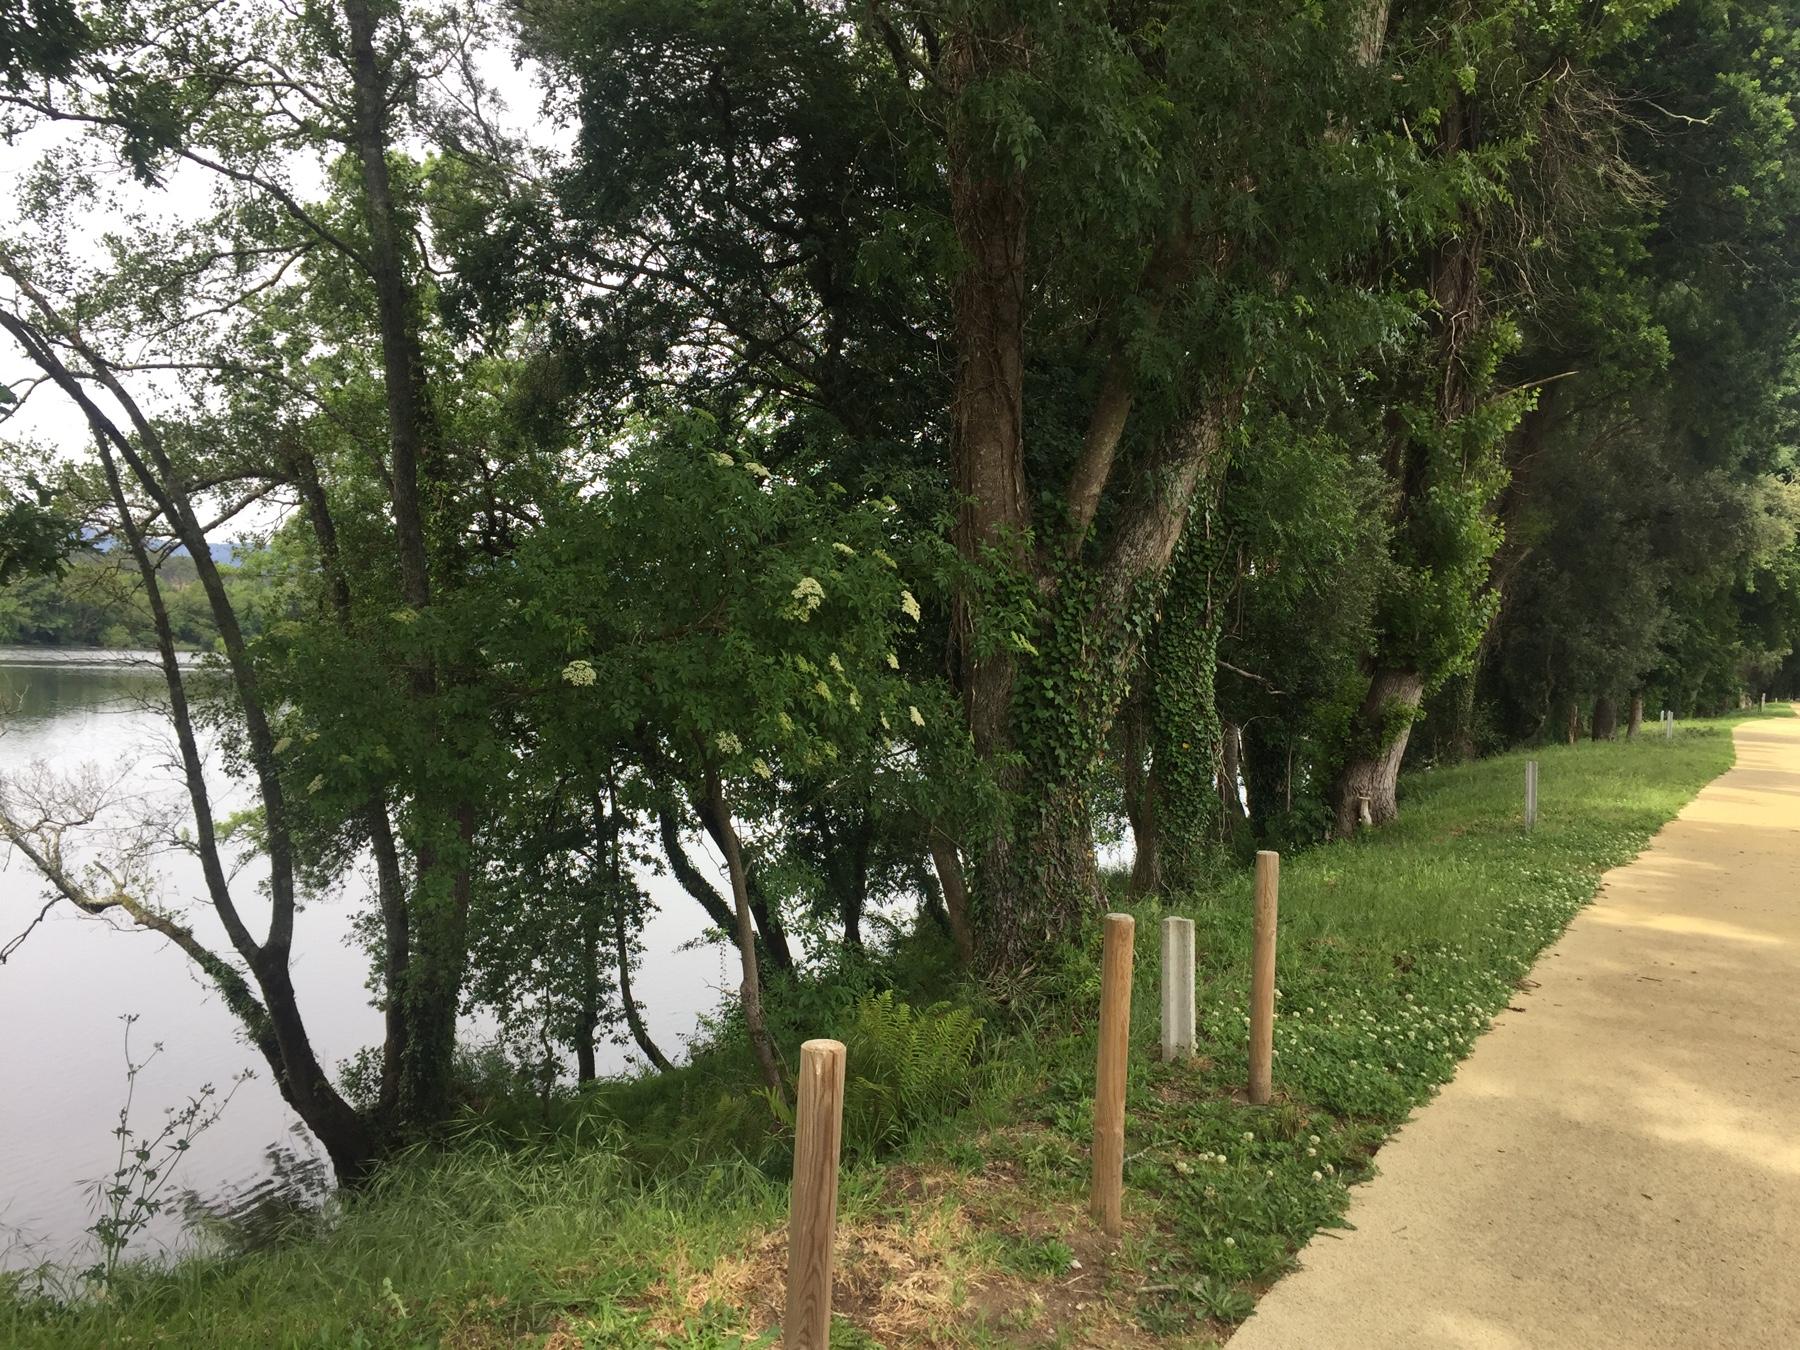 Alternative zum Caminho: Am Fluss entlang statt durch die Dörfer